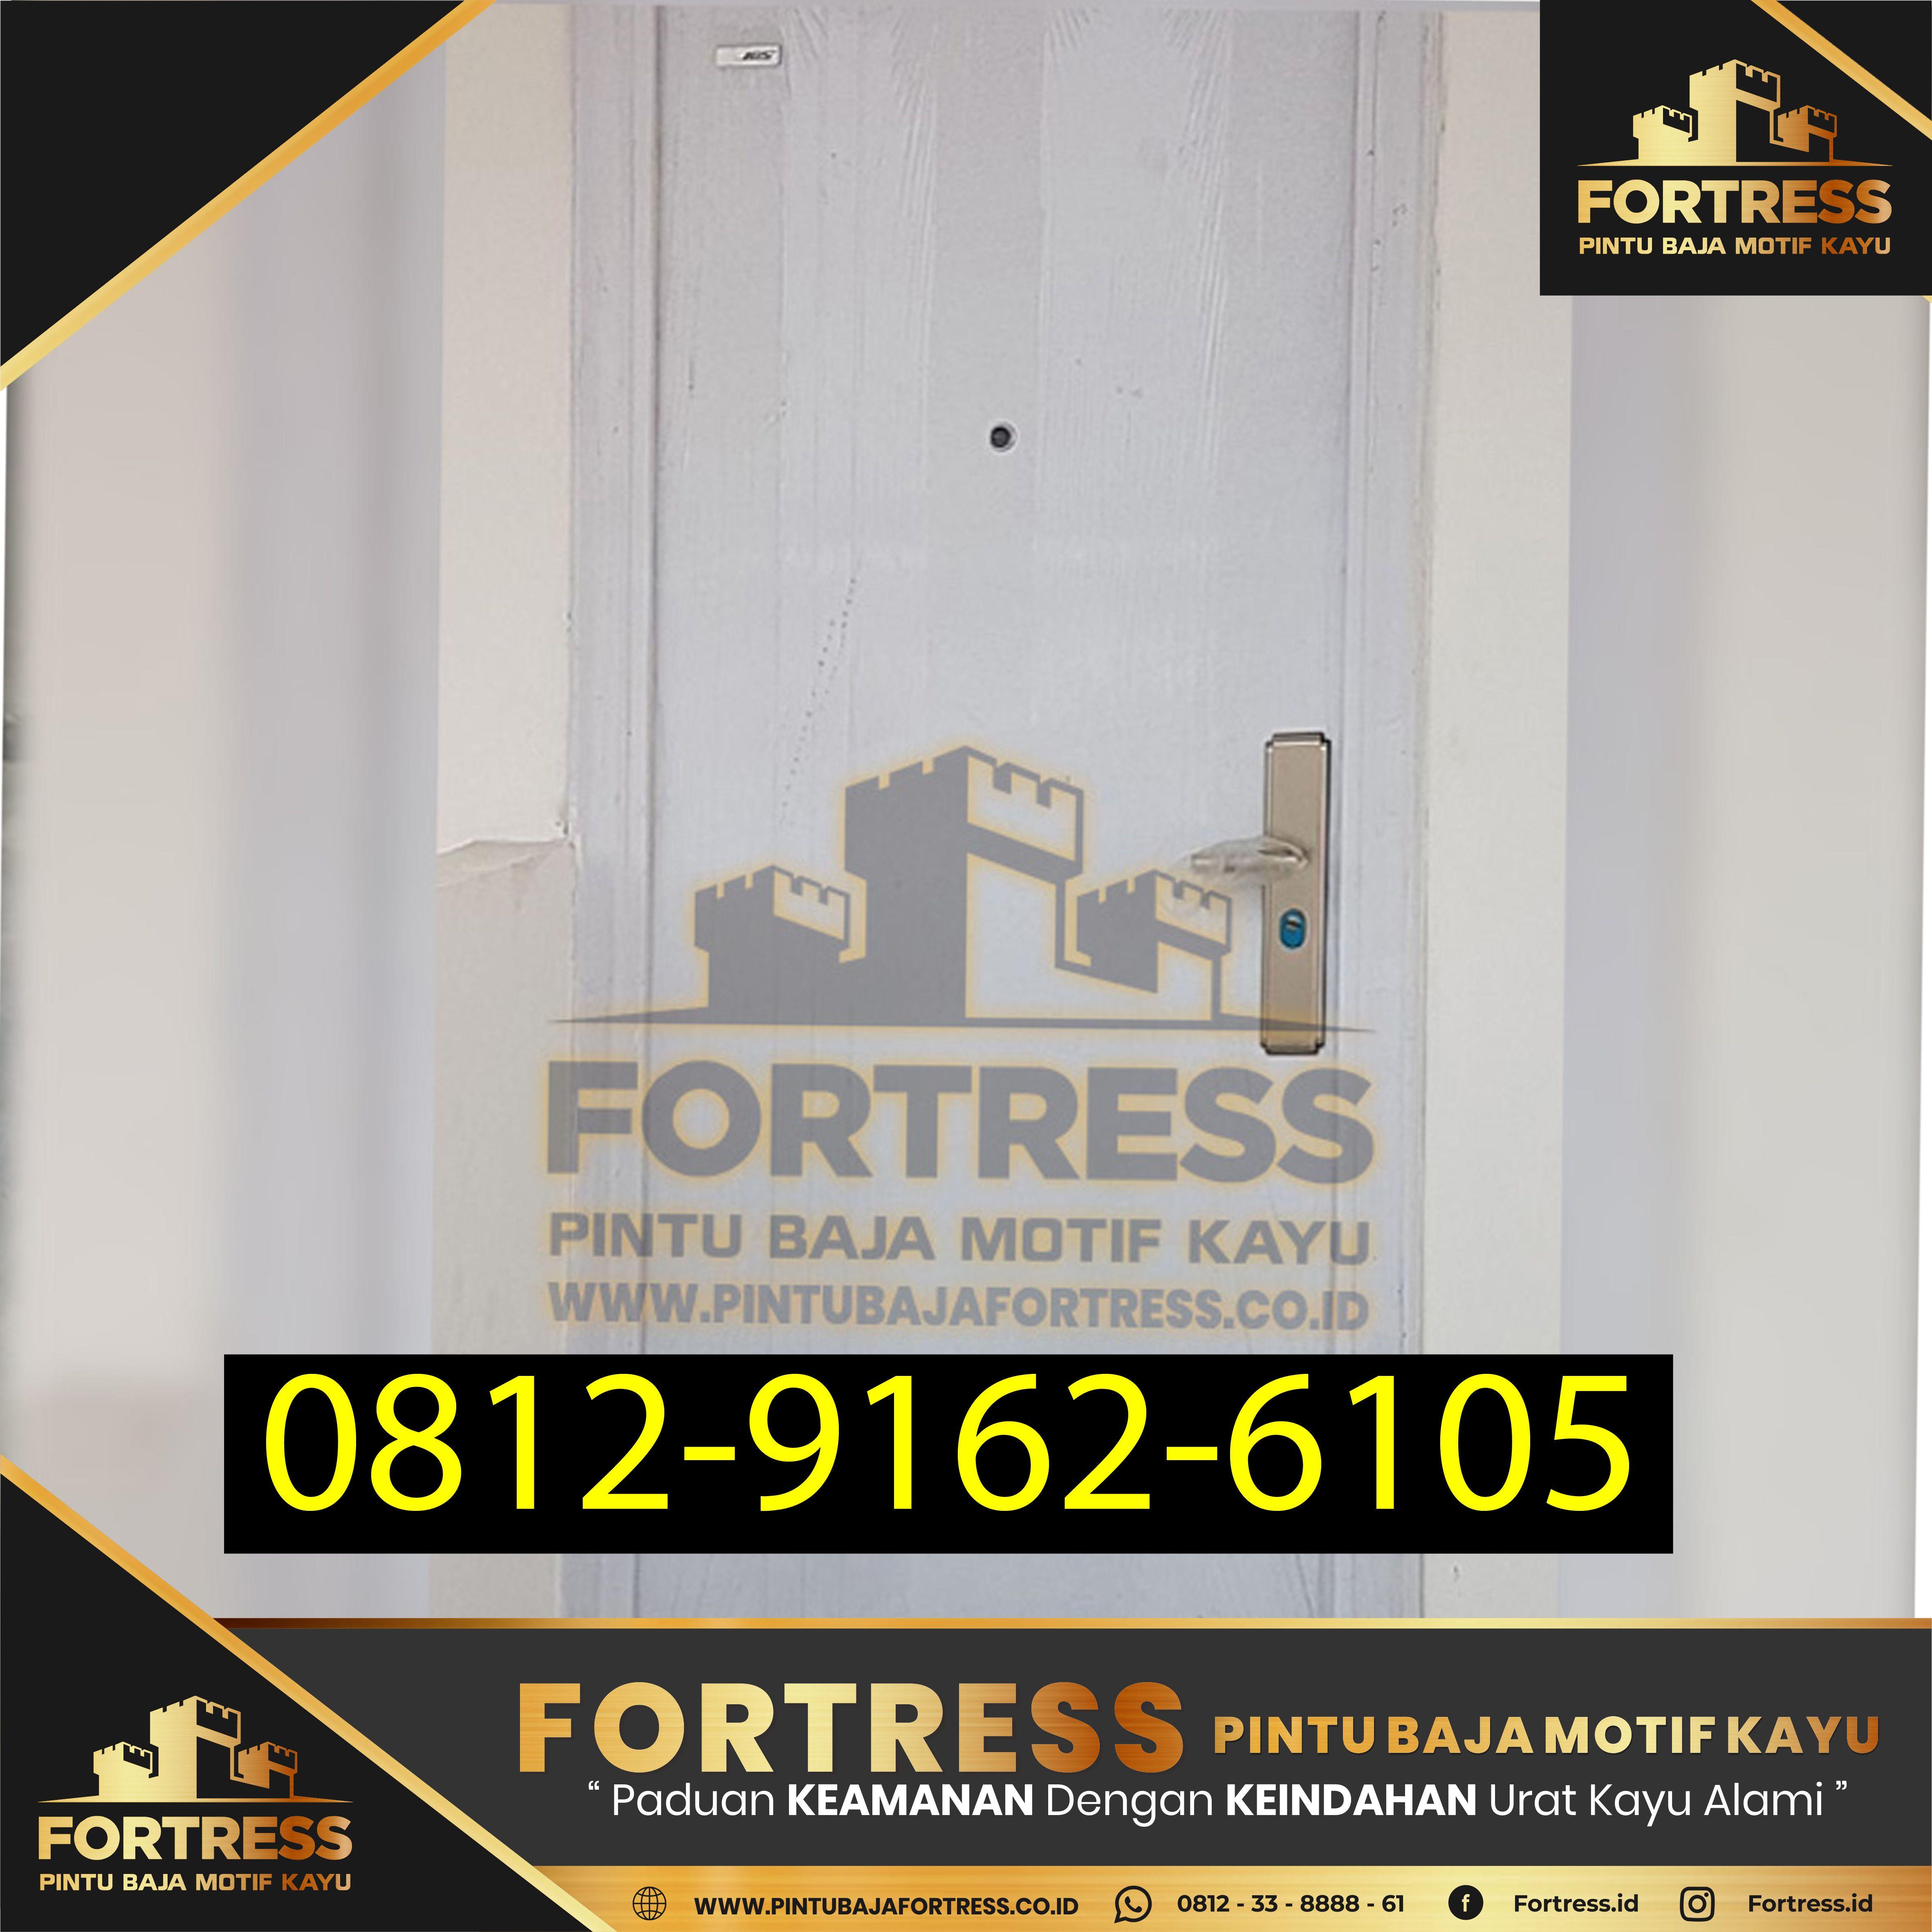 (FORTRESS 0812-9162-6108), Modern Blitar 2017 Door,